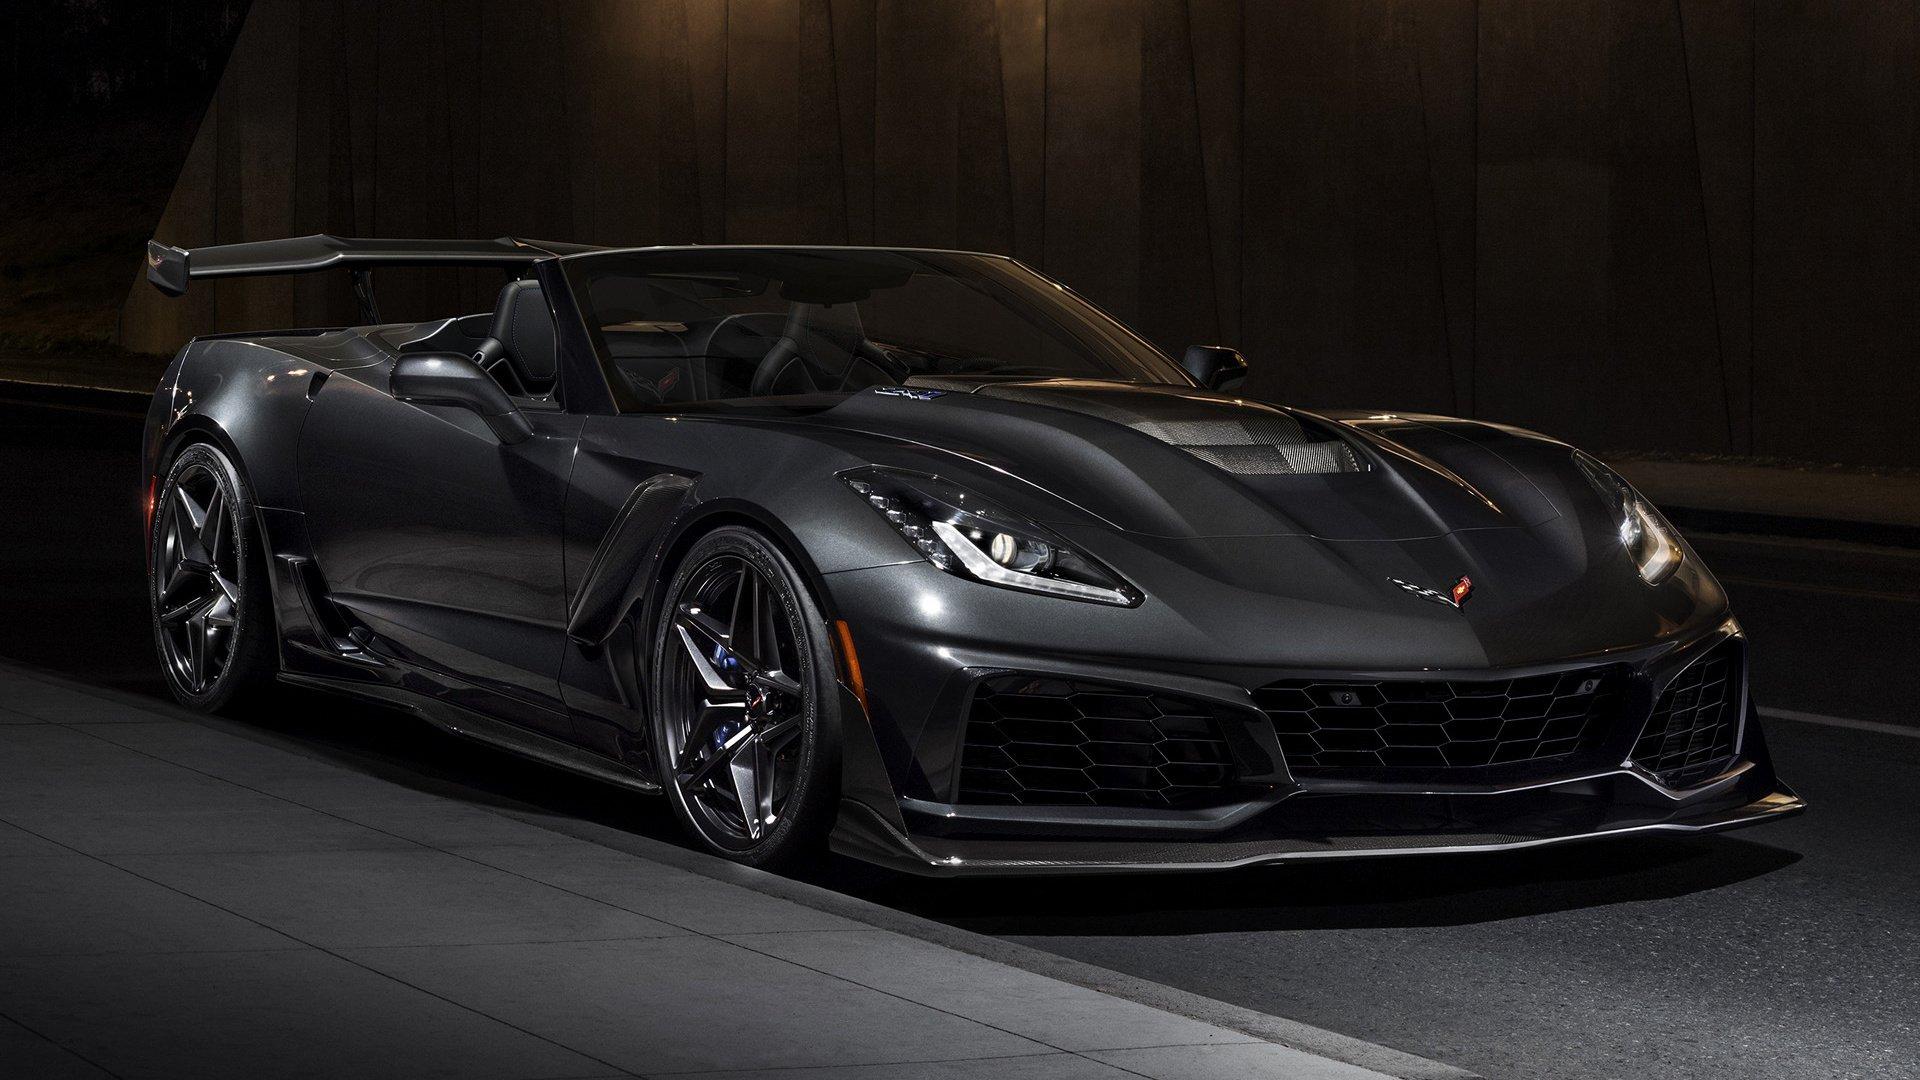 Vehicles - Chevrolet Corvette ZR1  Sport Car Convertible Black Car Car Supercar Wallpaper